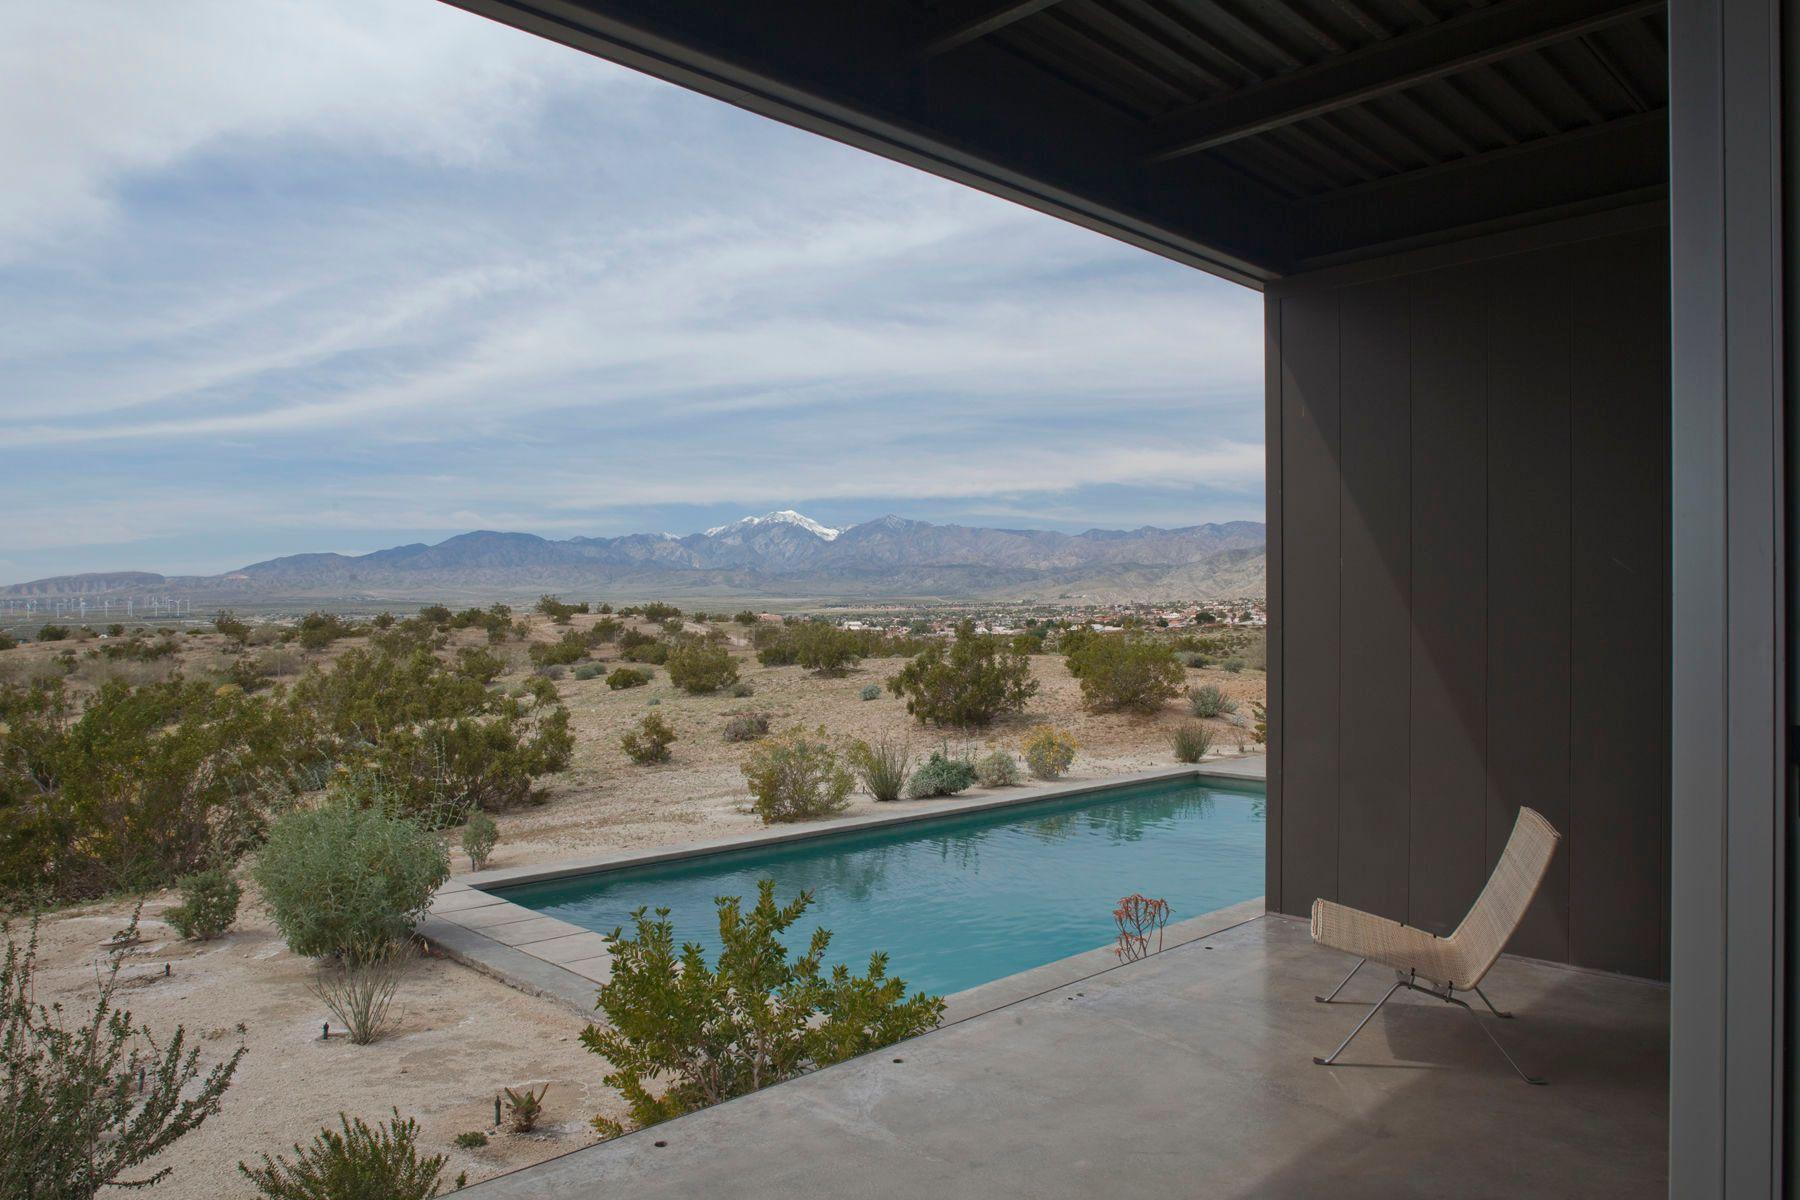 Marmol Radziner Desert House View